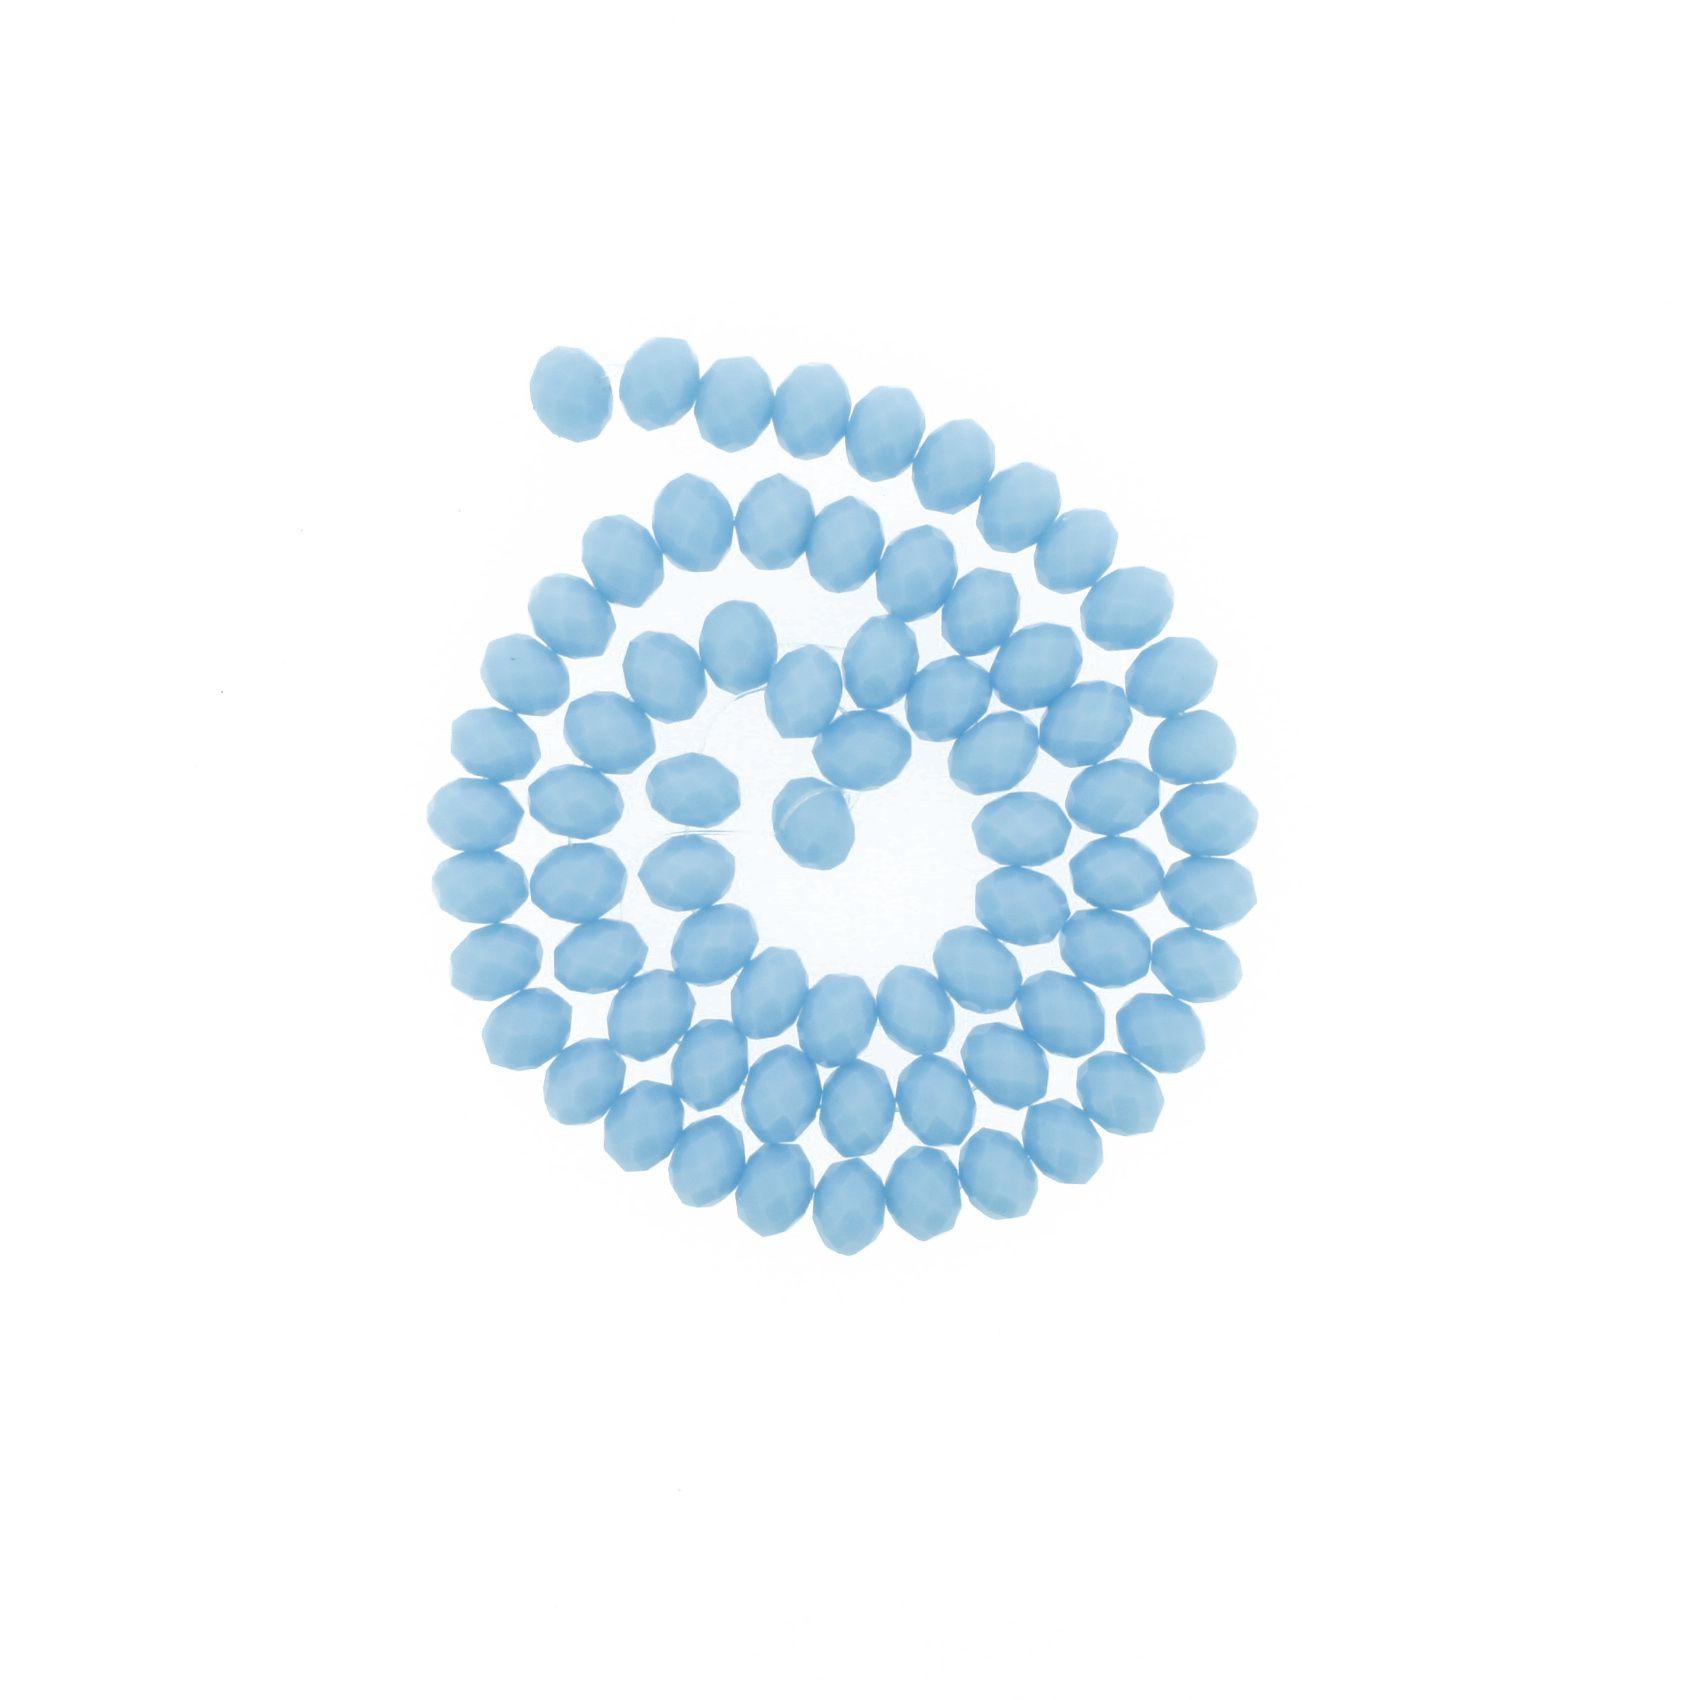 Fio de Cristal - Flat® - Azul Claro - 8mm  - Stéphanie Bijoux® - Peças para Bijuterias e Artesanato